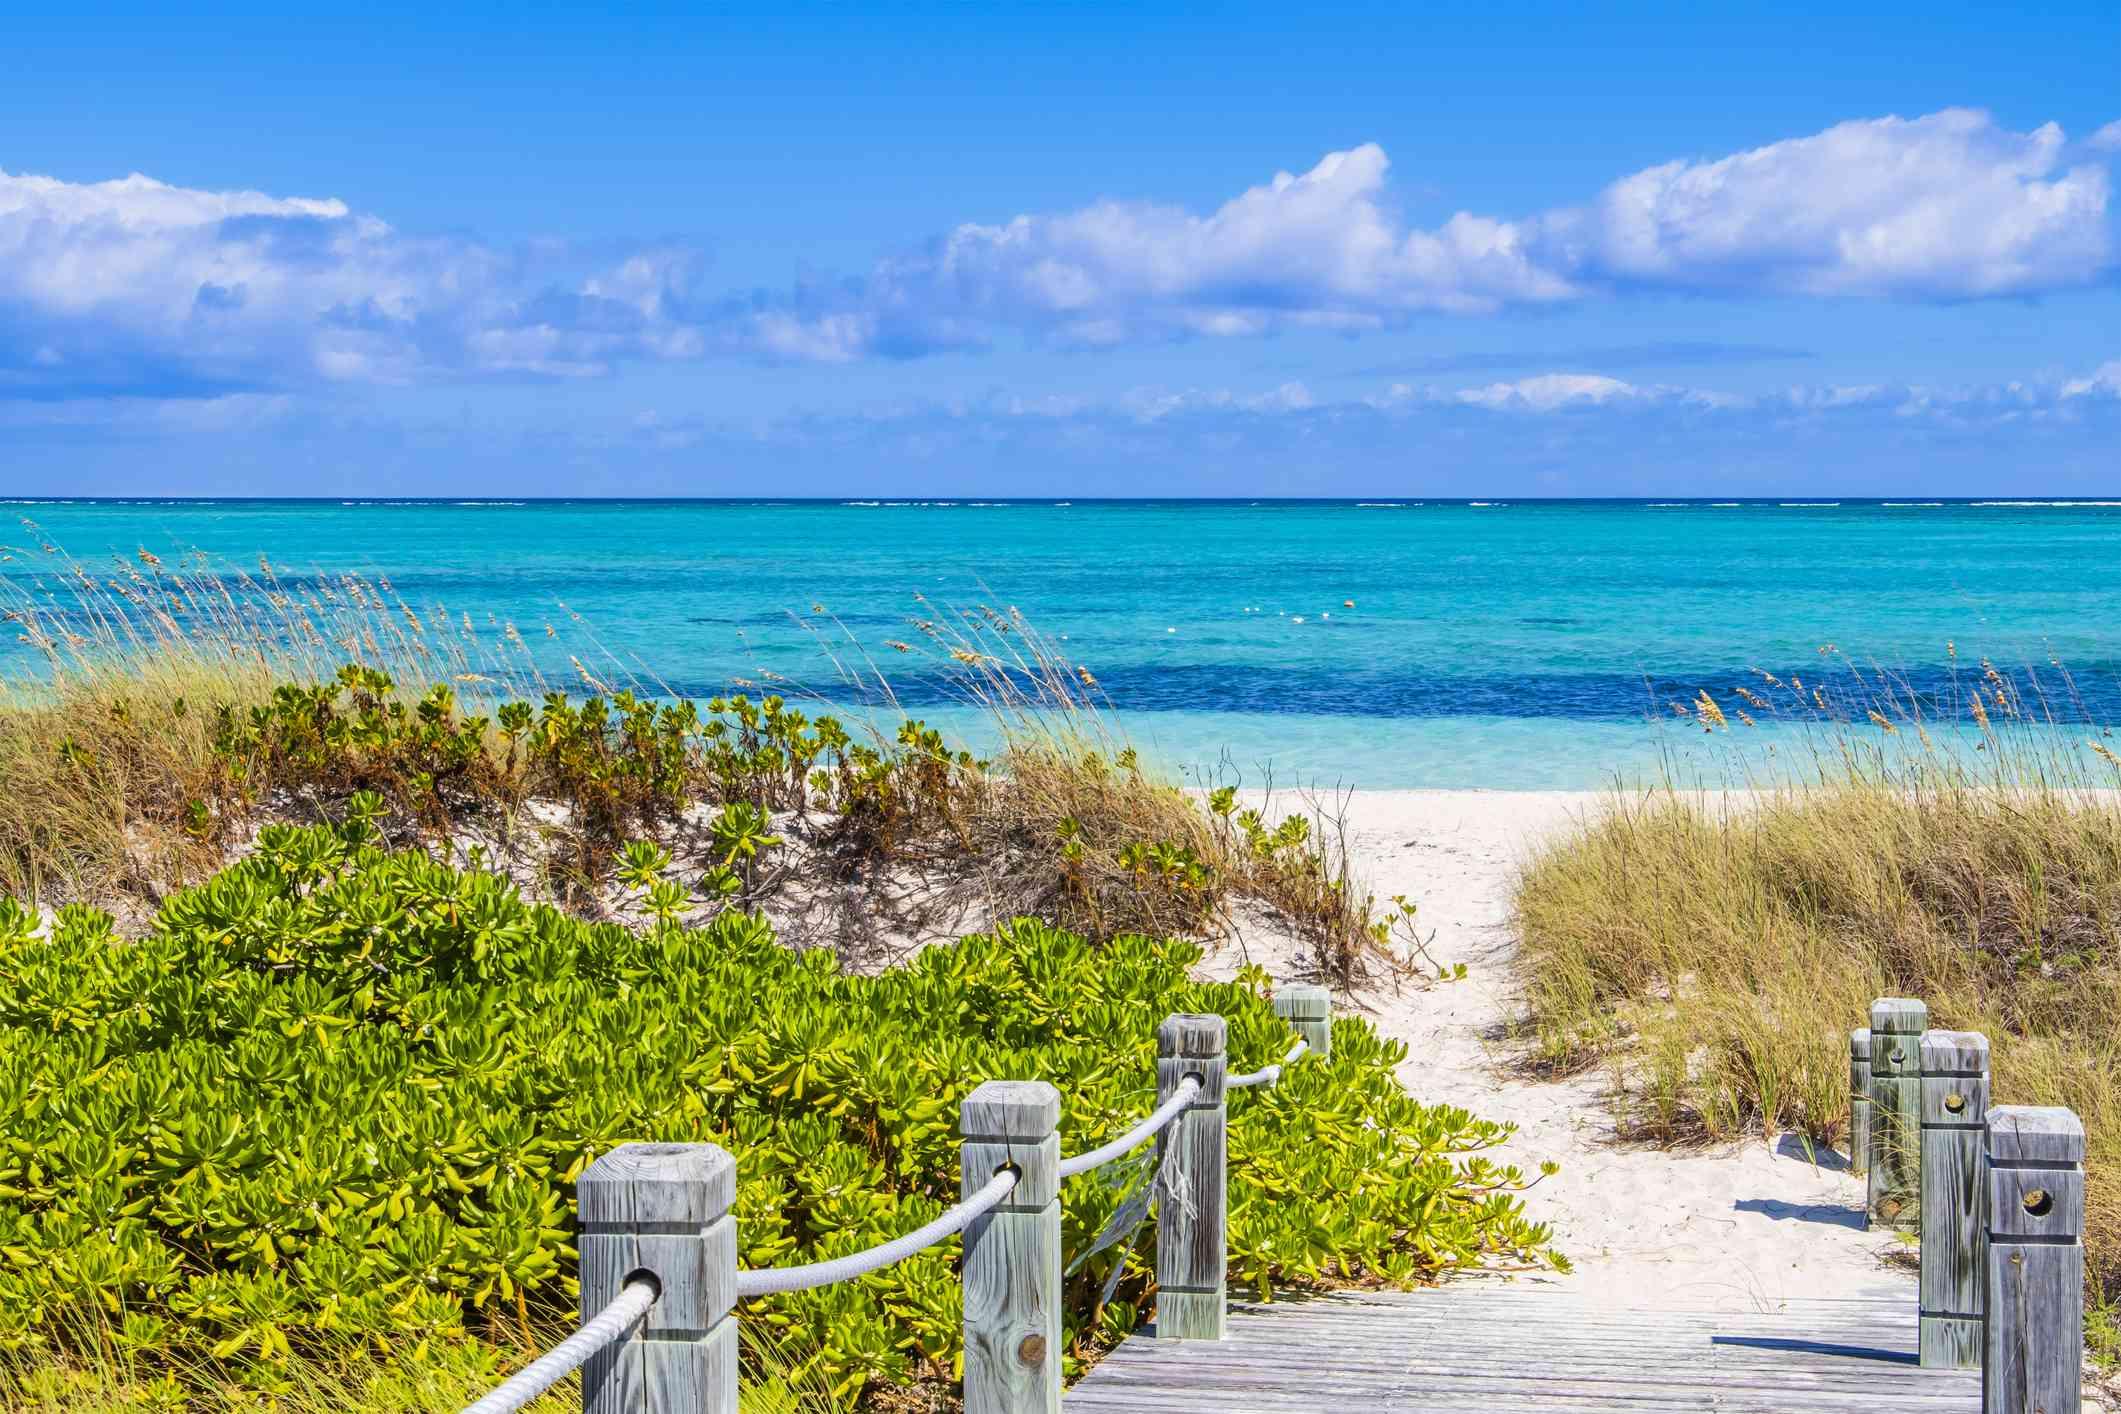 Bight Beach